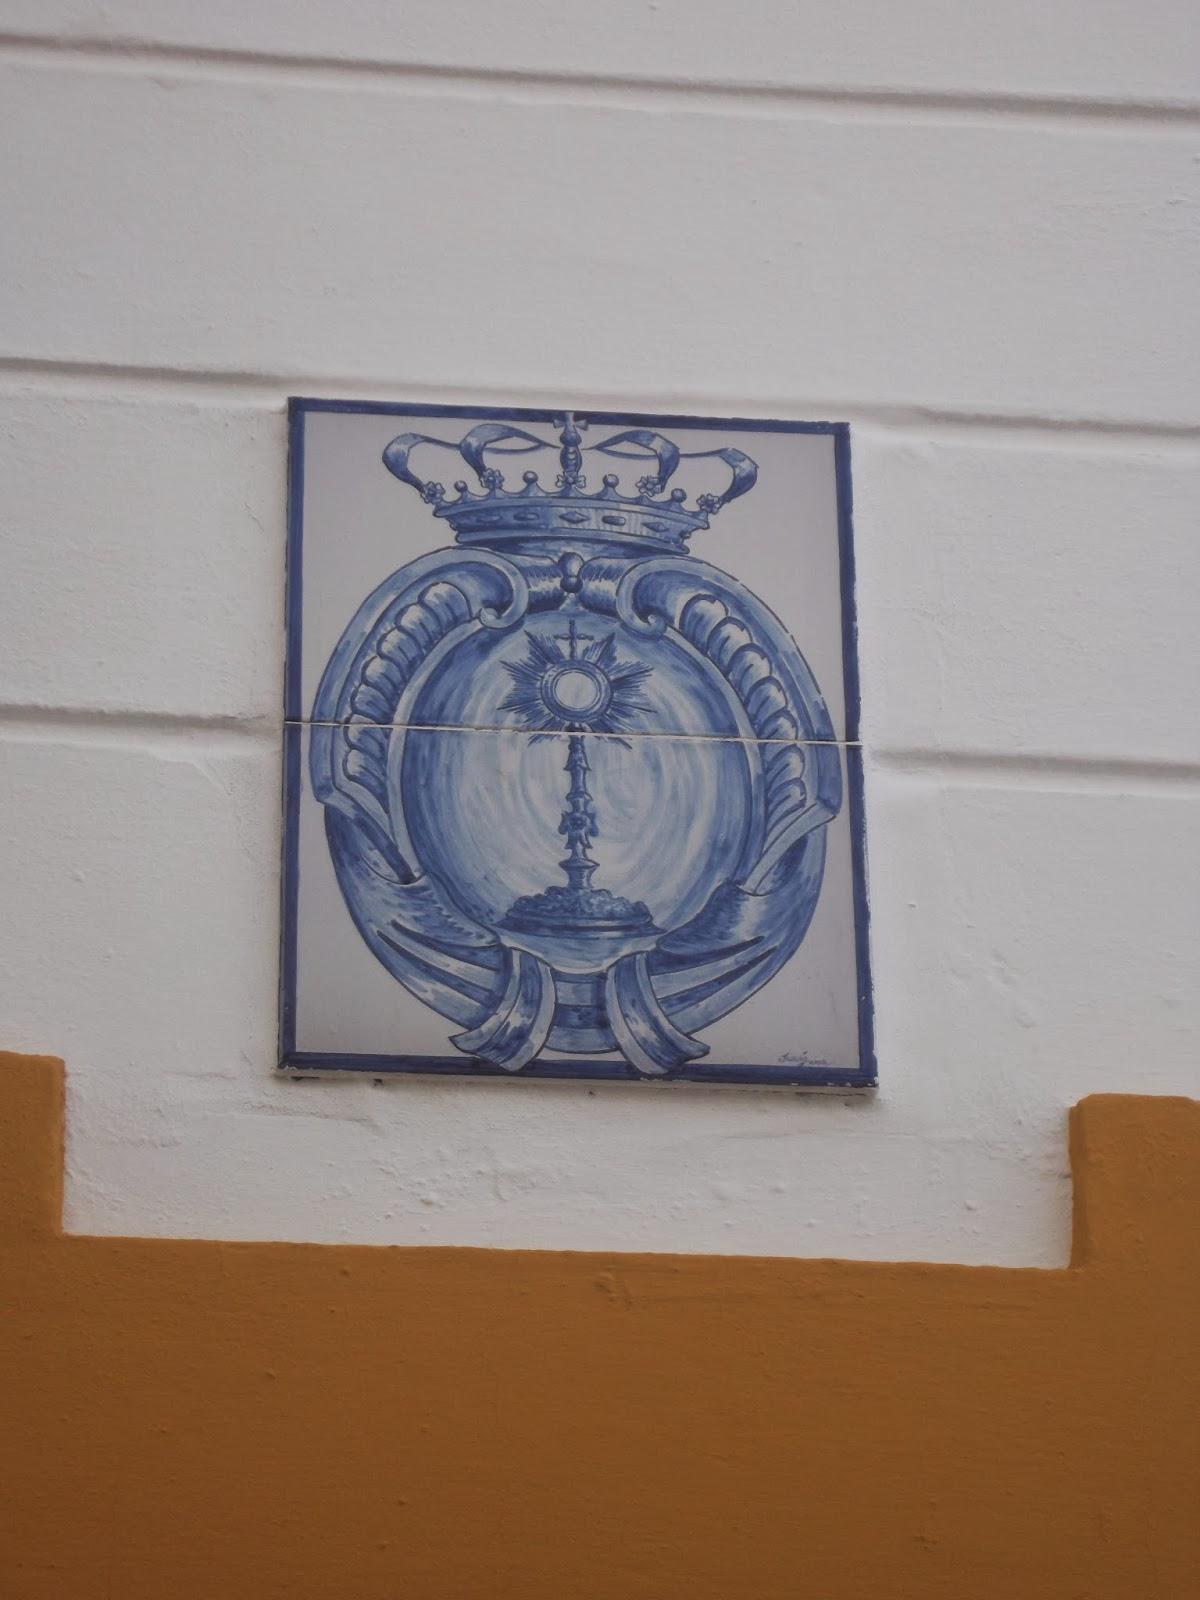 Pintura y cer mica art stica murales de azulejos - Murales de ceramica artistica ...